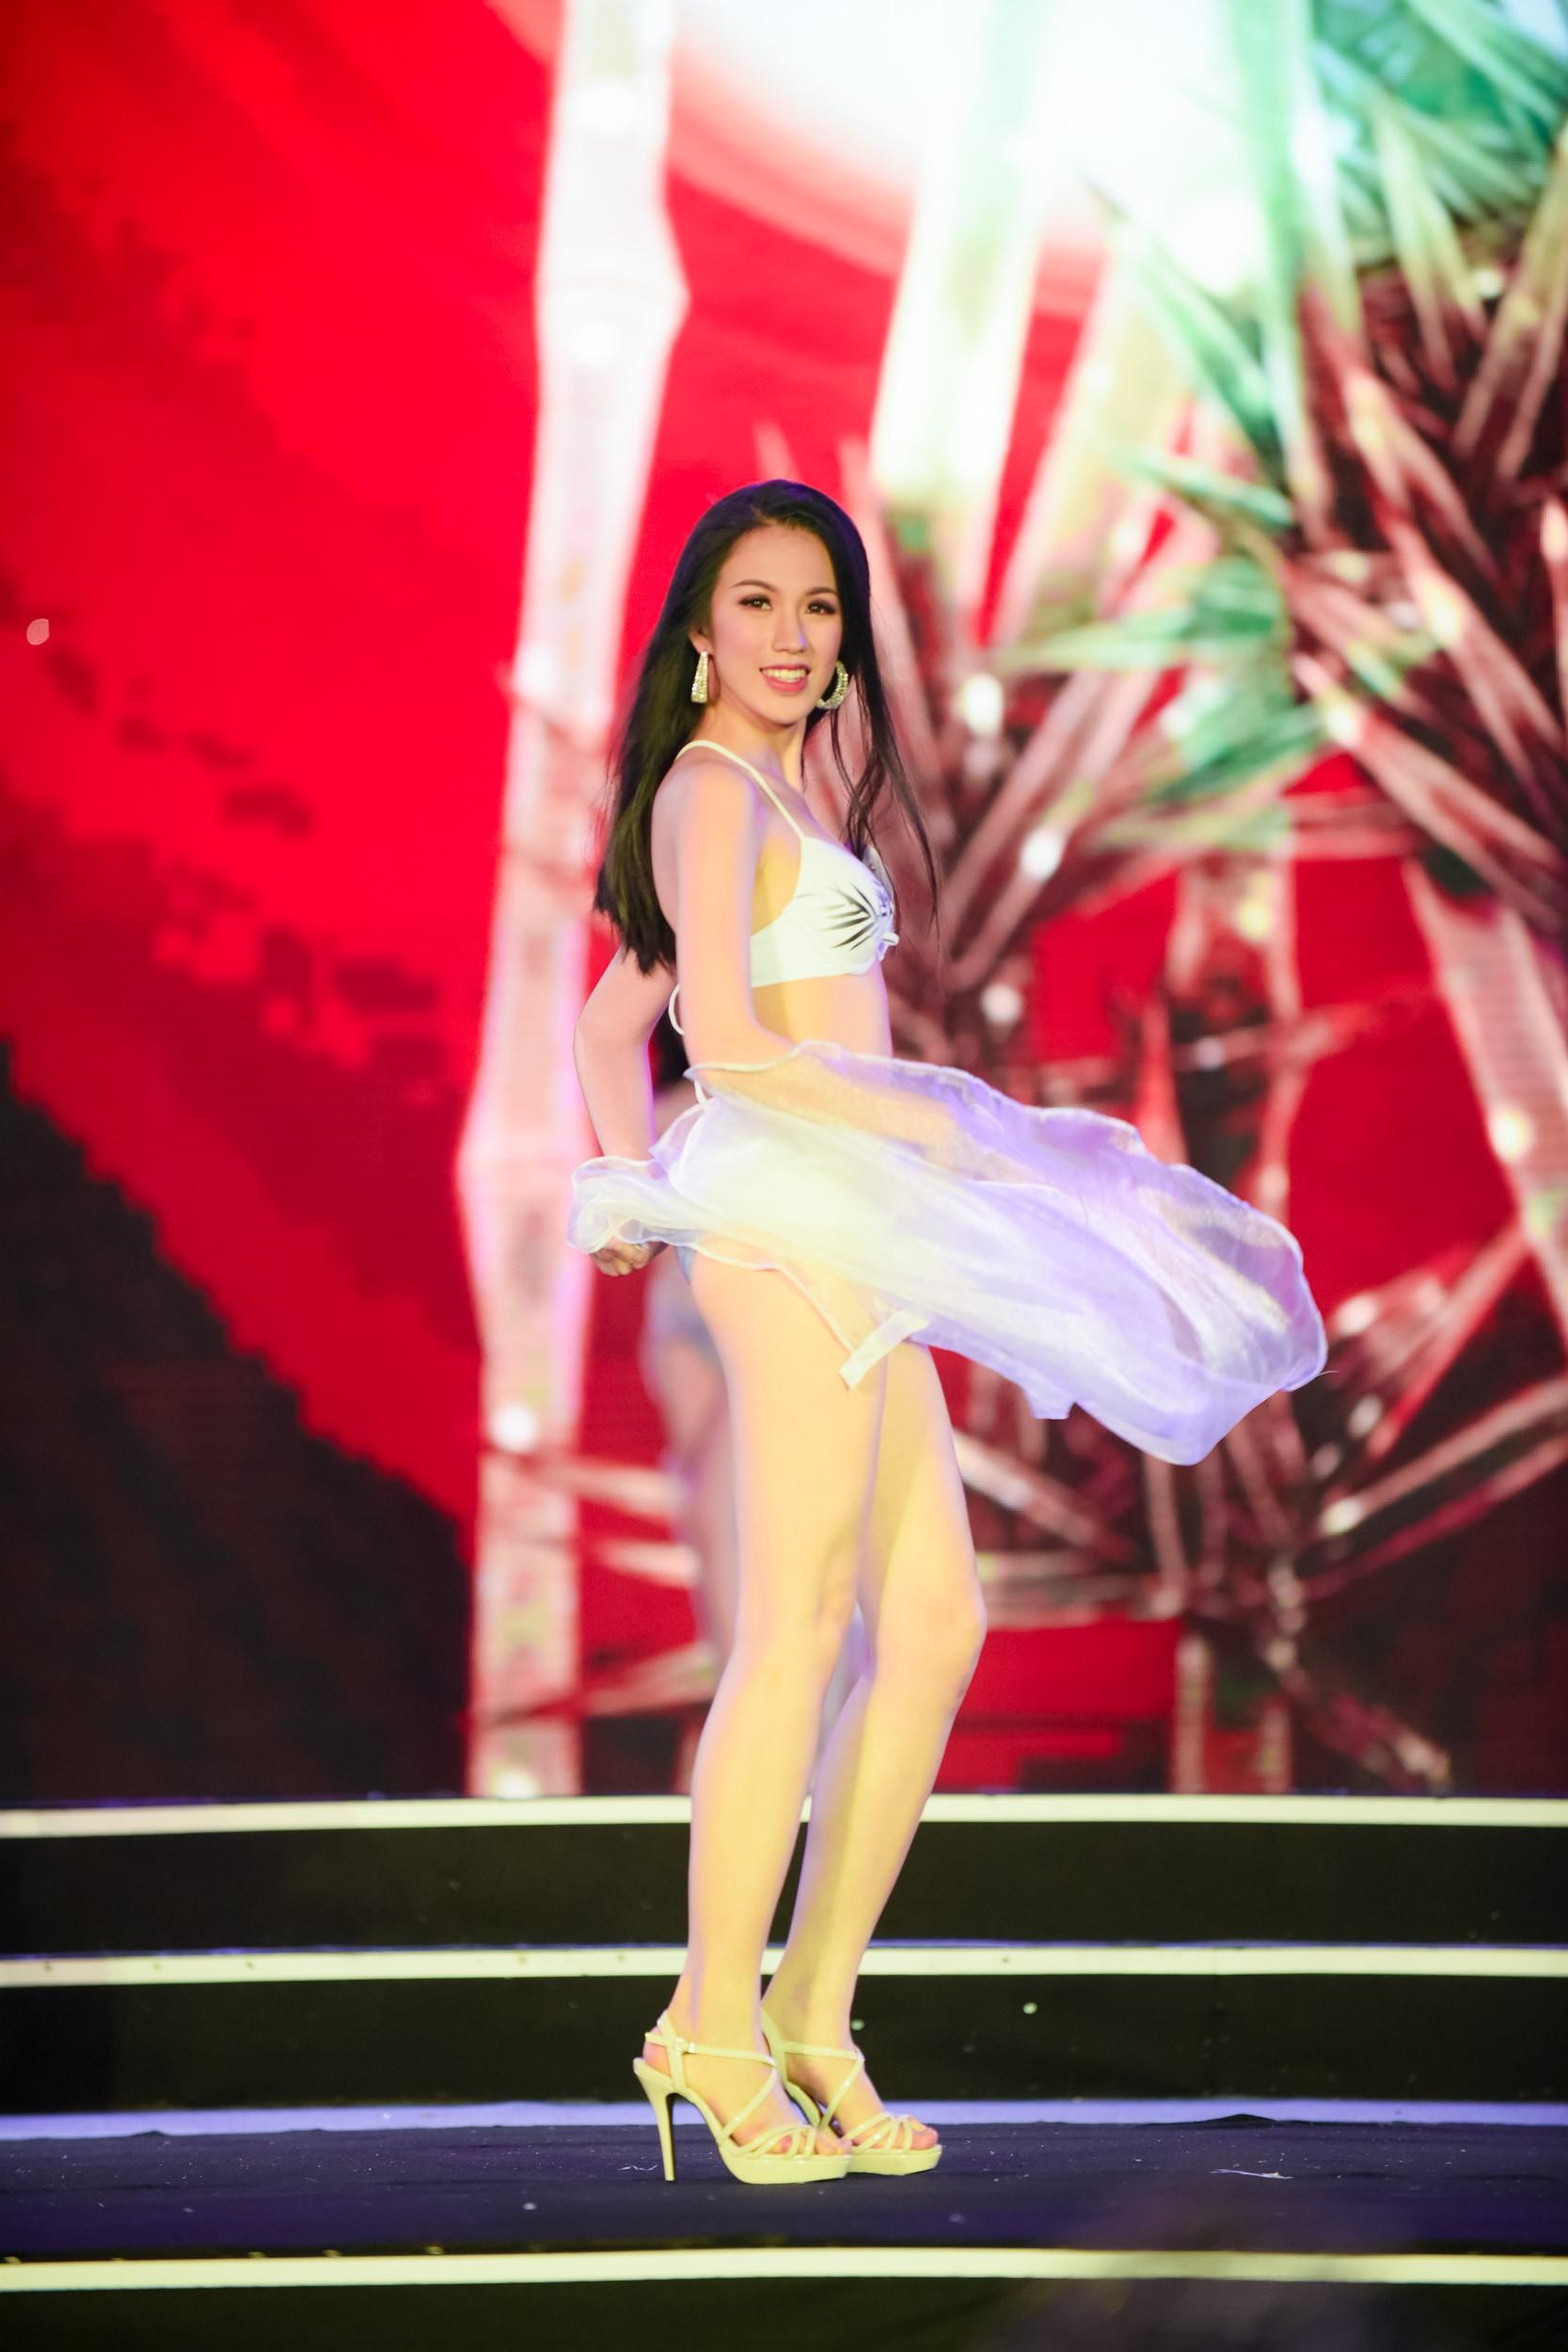 Cập nhật: 38 người đẹp phía Bắc của Hoa hậu Việt Nam tự tin trình diễn bikini, khoe hình thể nóng bỏng - Ảnh 9.